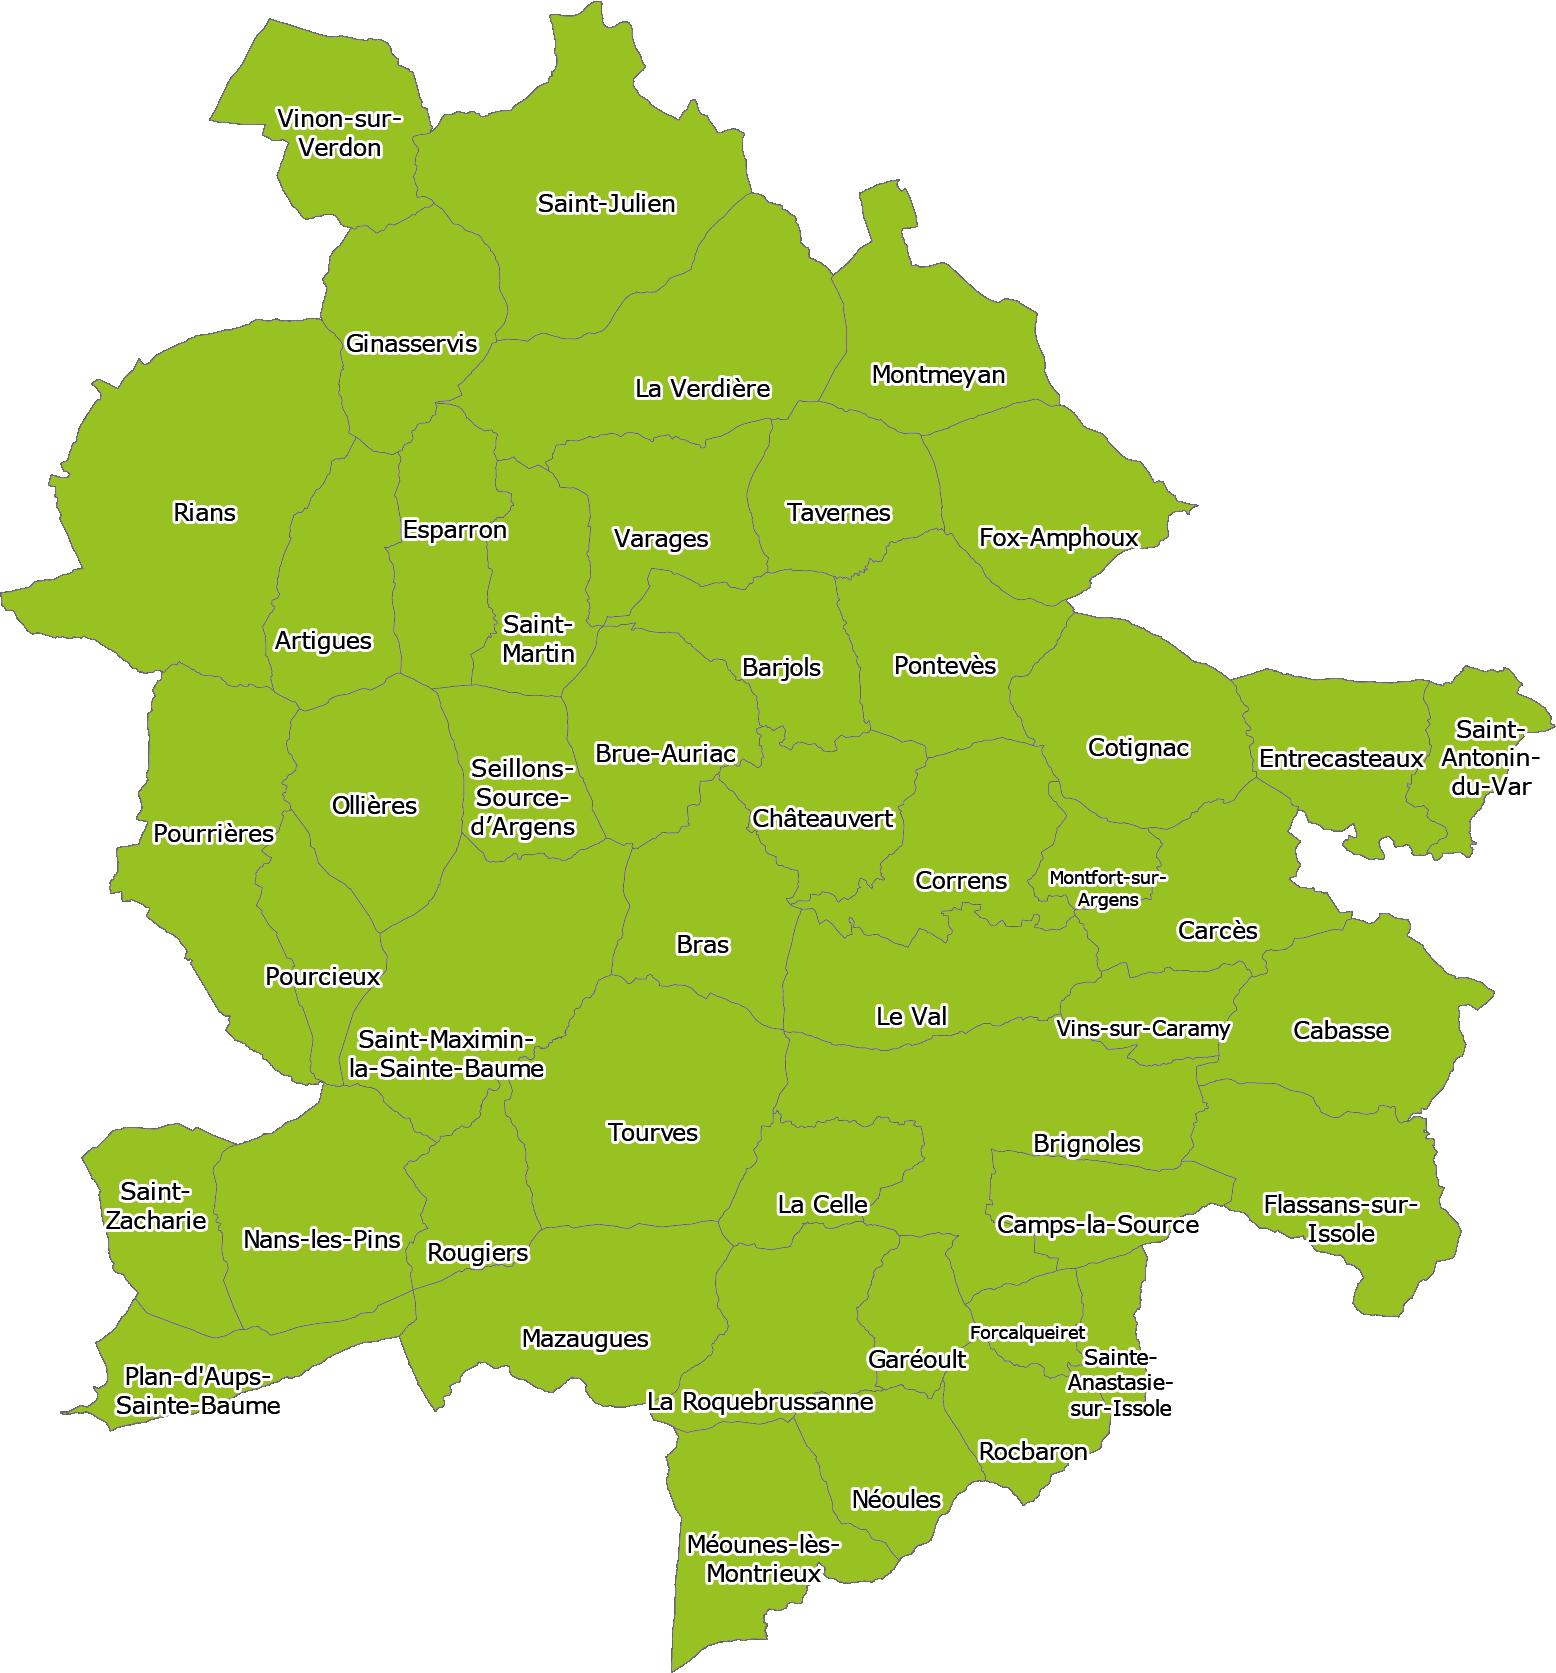 Carte territoire entre Plan d\'Aups, Vinon-sur-Verdon et Saint-Antonin